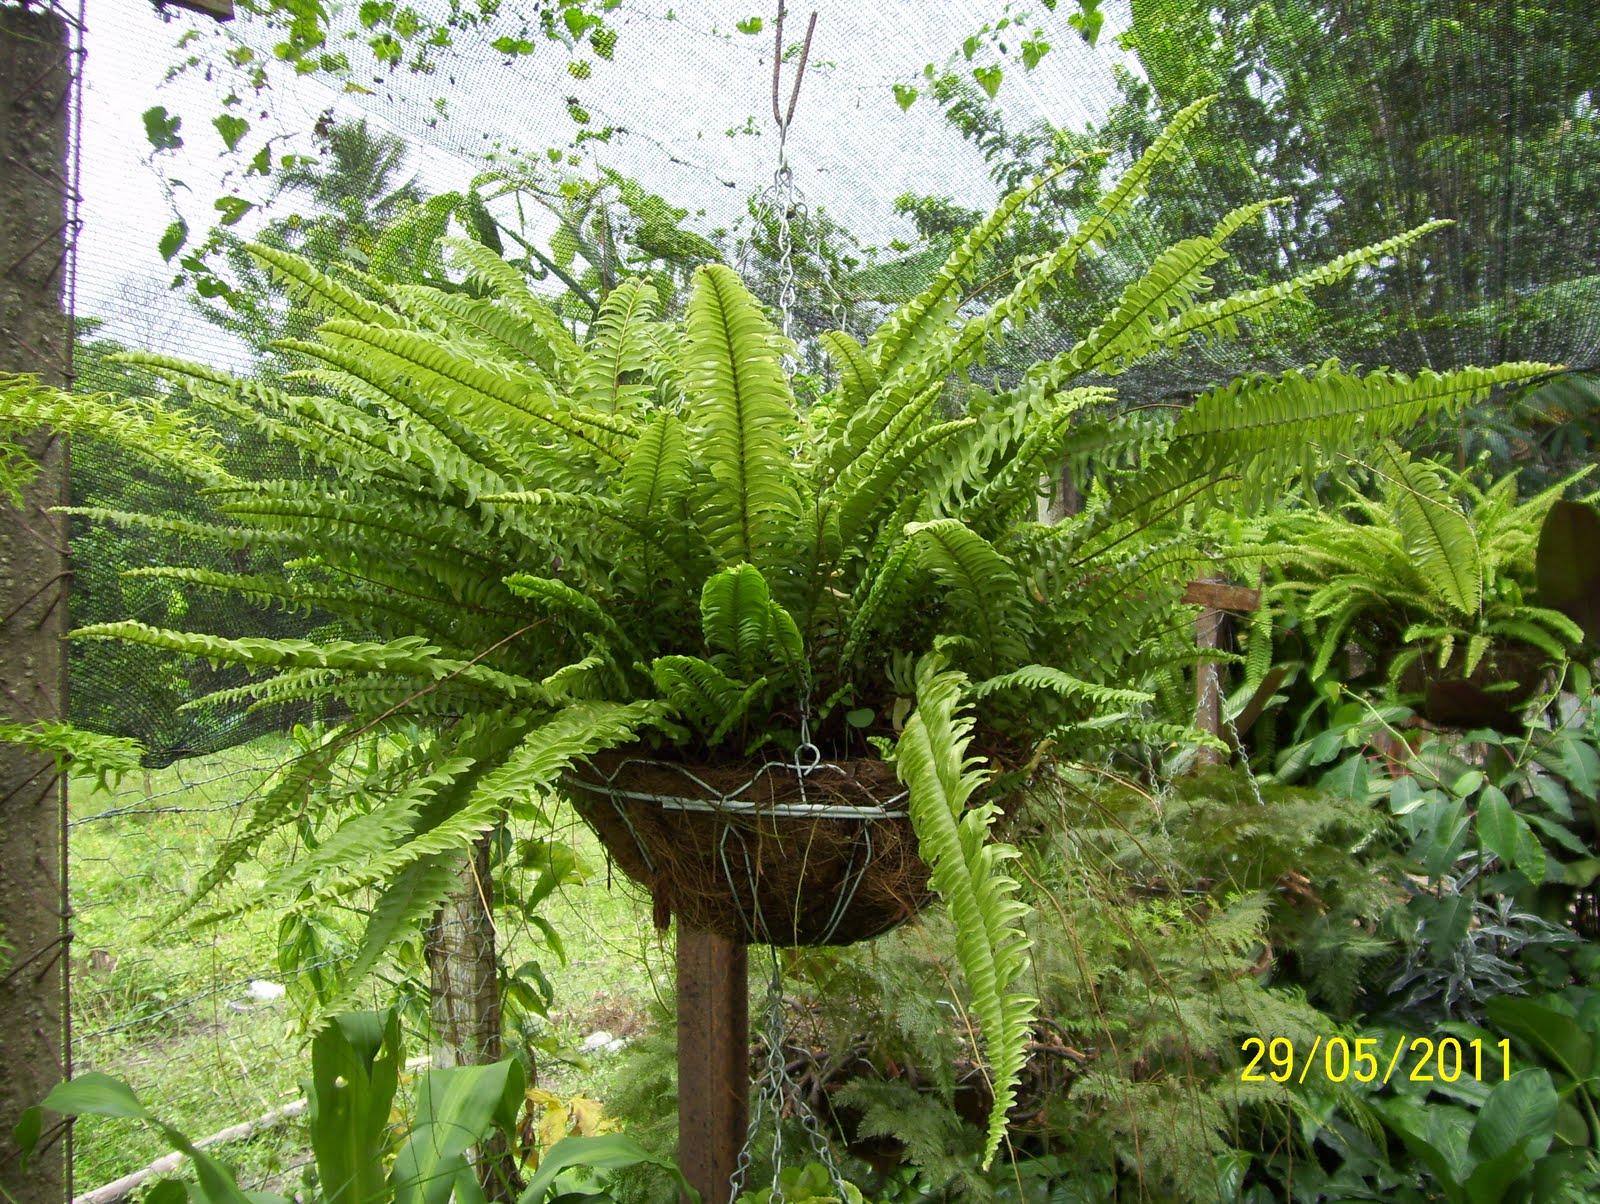 Vivero los chaguaramos plantas ornamentales for Plantas ornamentales helechos